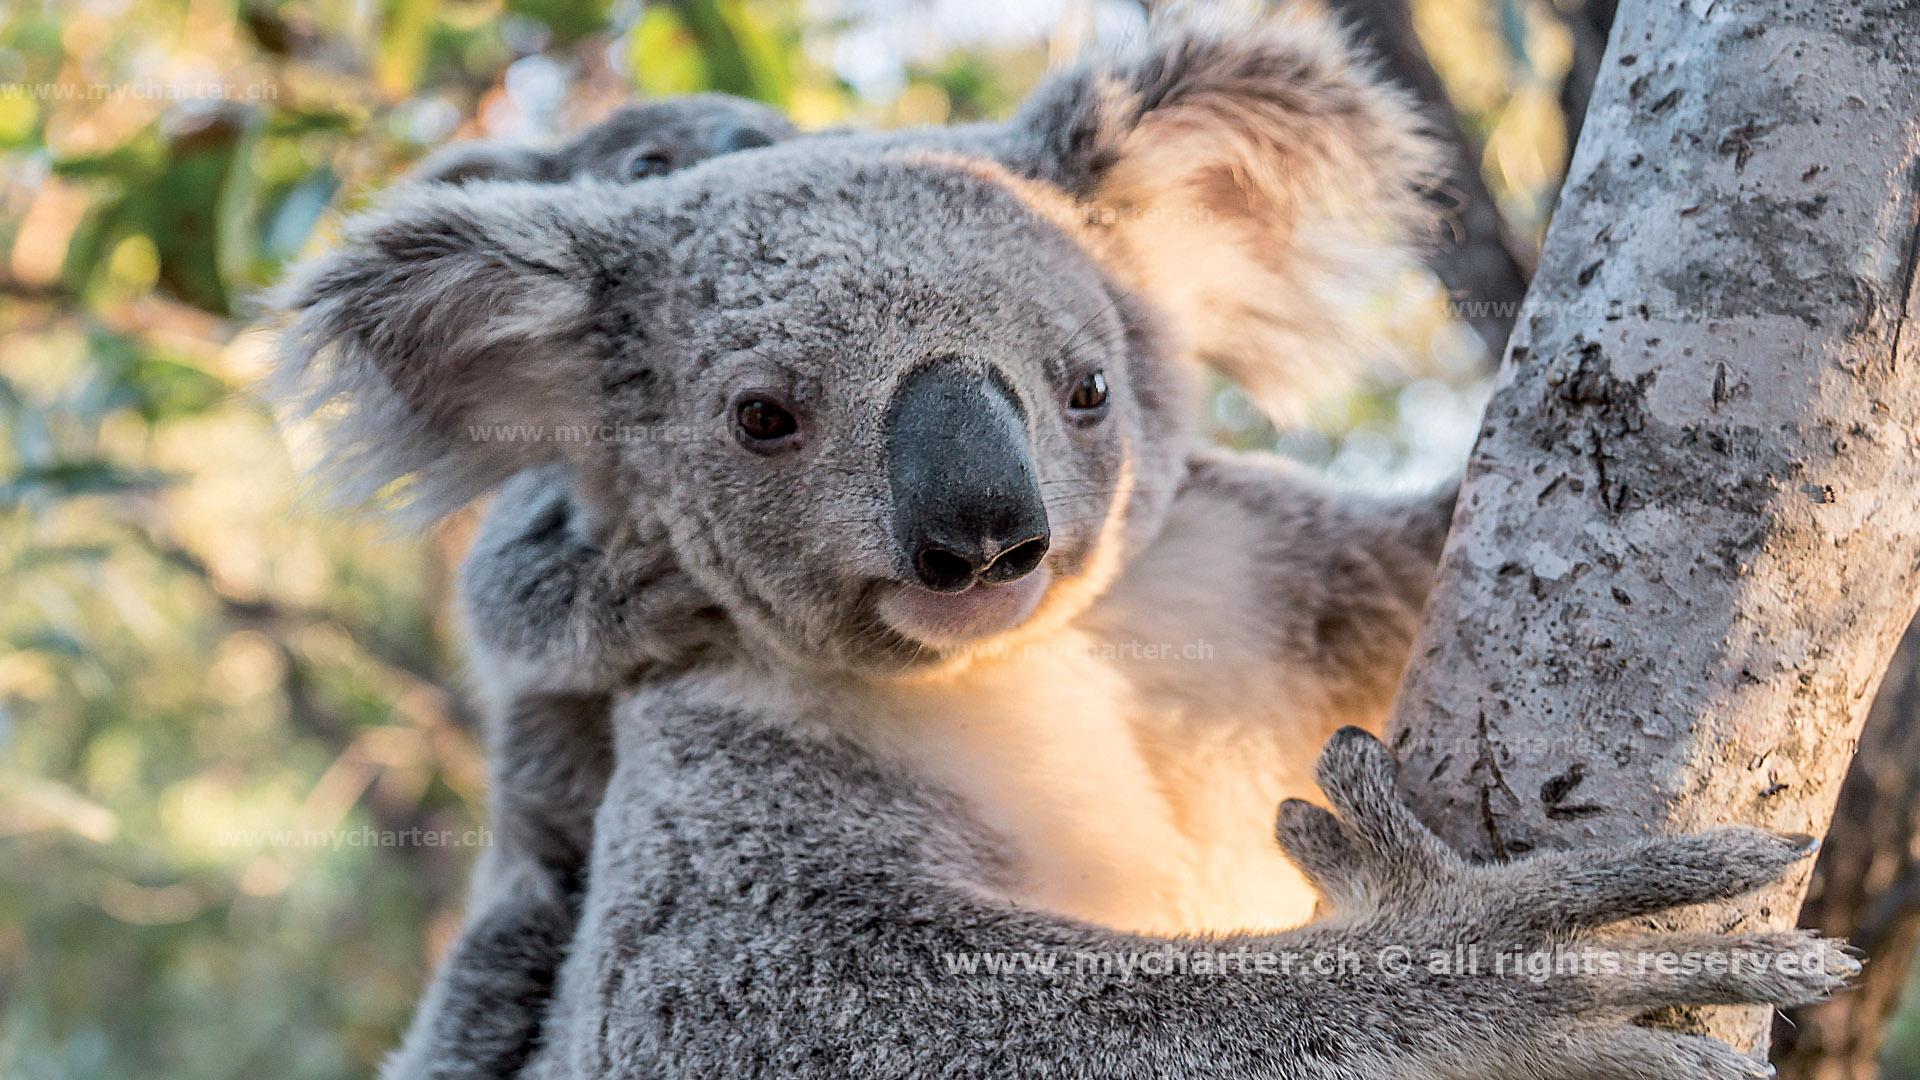 Toern Australien - Koala